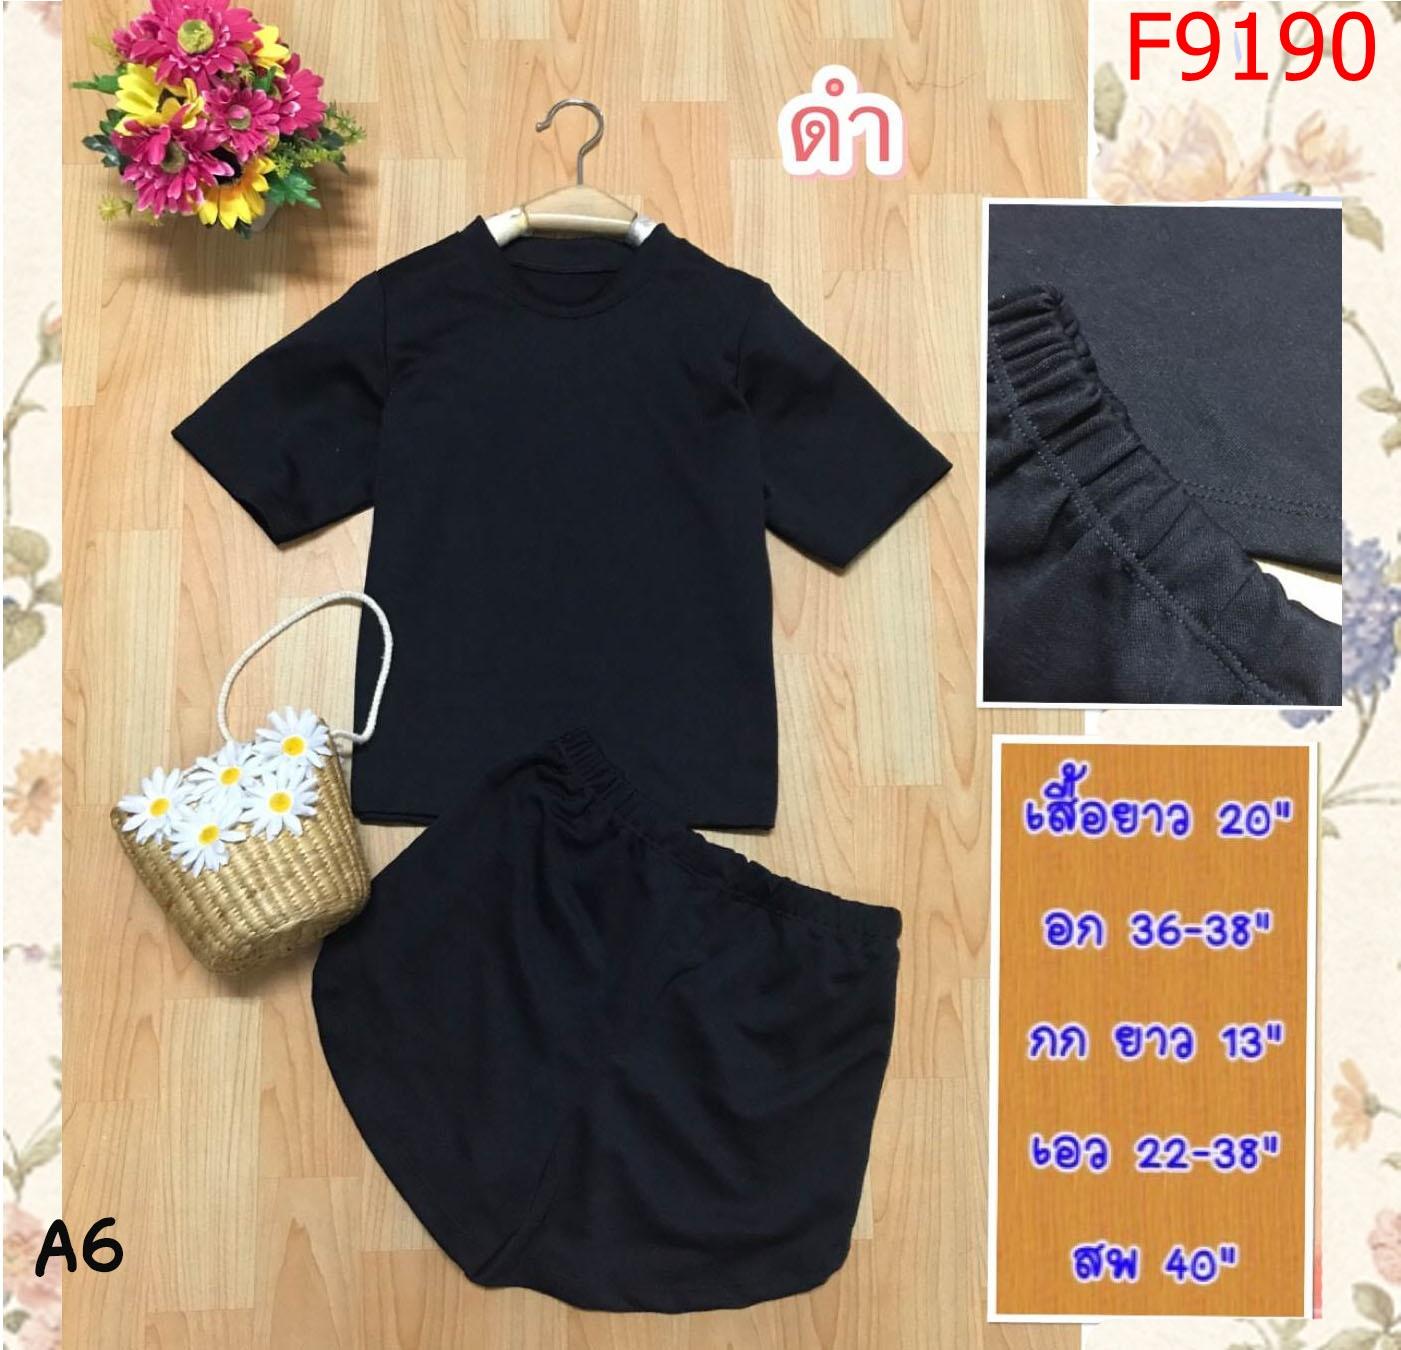 F9190 ชุดเสื้อ + กางเกง กางเกงมียางยืดรอบเอว สีดำ ผ้ายืด